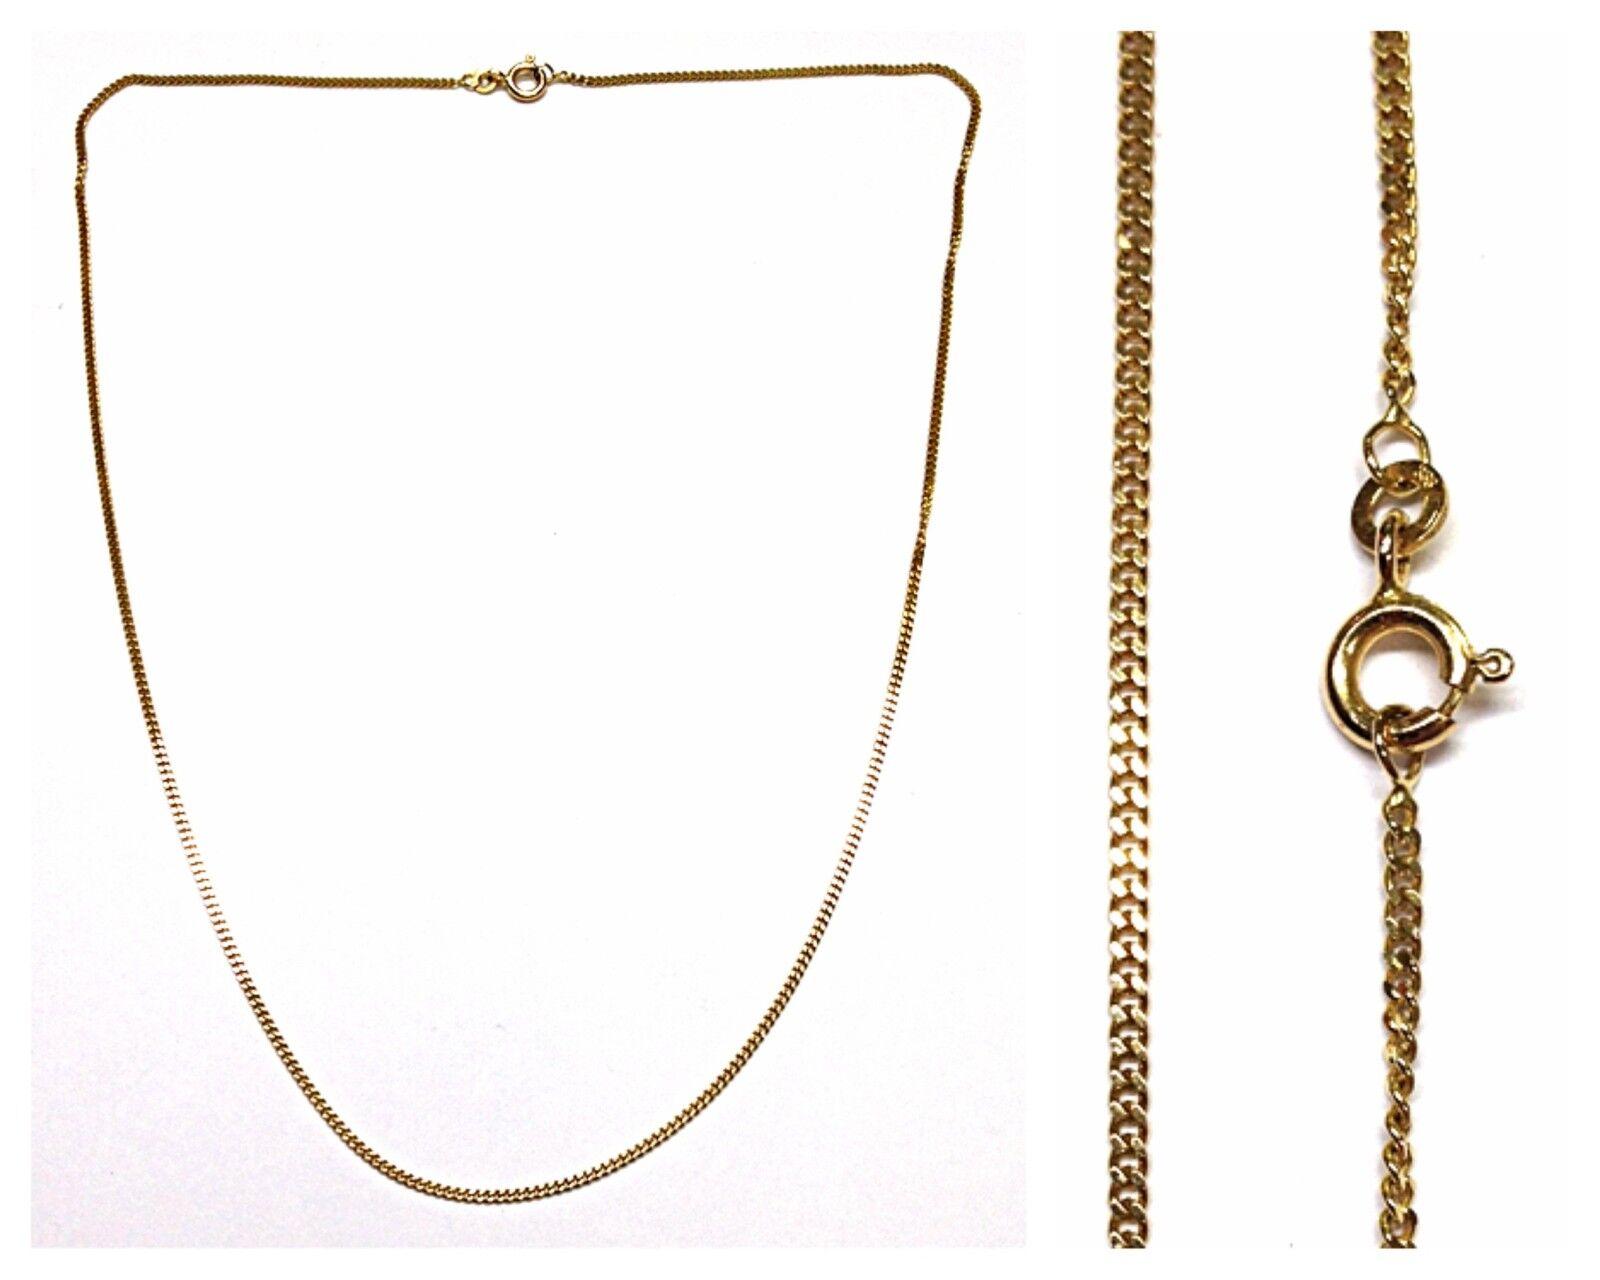 COLLANA MAGLIA GRUMETTA Catenella PIATTA Catena 333 gold collier in 50 cm